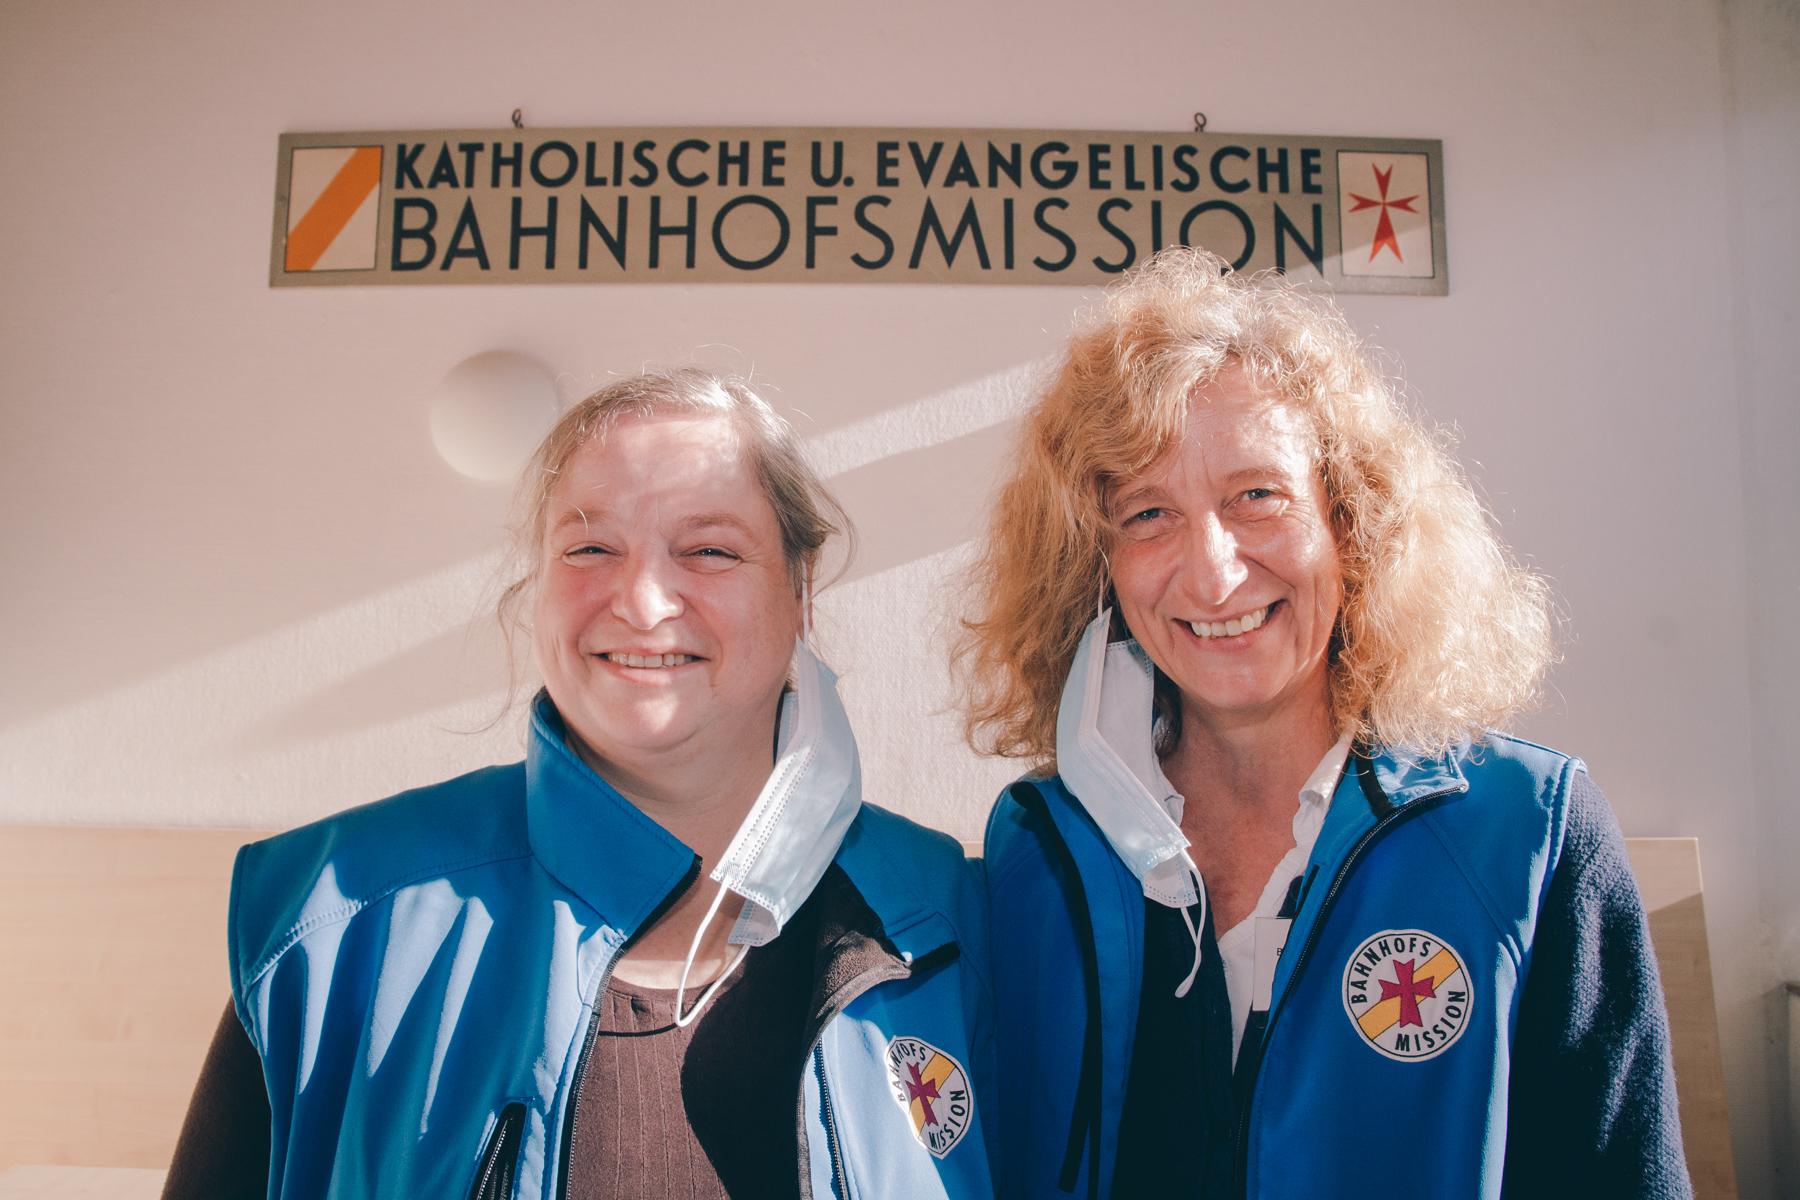 Mit Herz bei der Sache: Die Leiterinnen Barbara und Bettina. – ©wunderland media GmbH